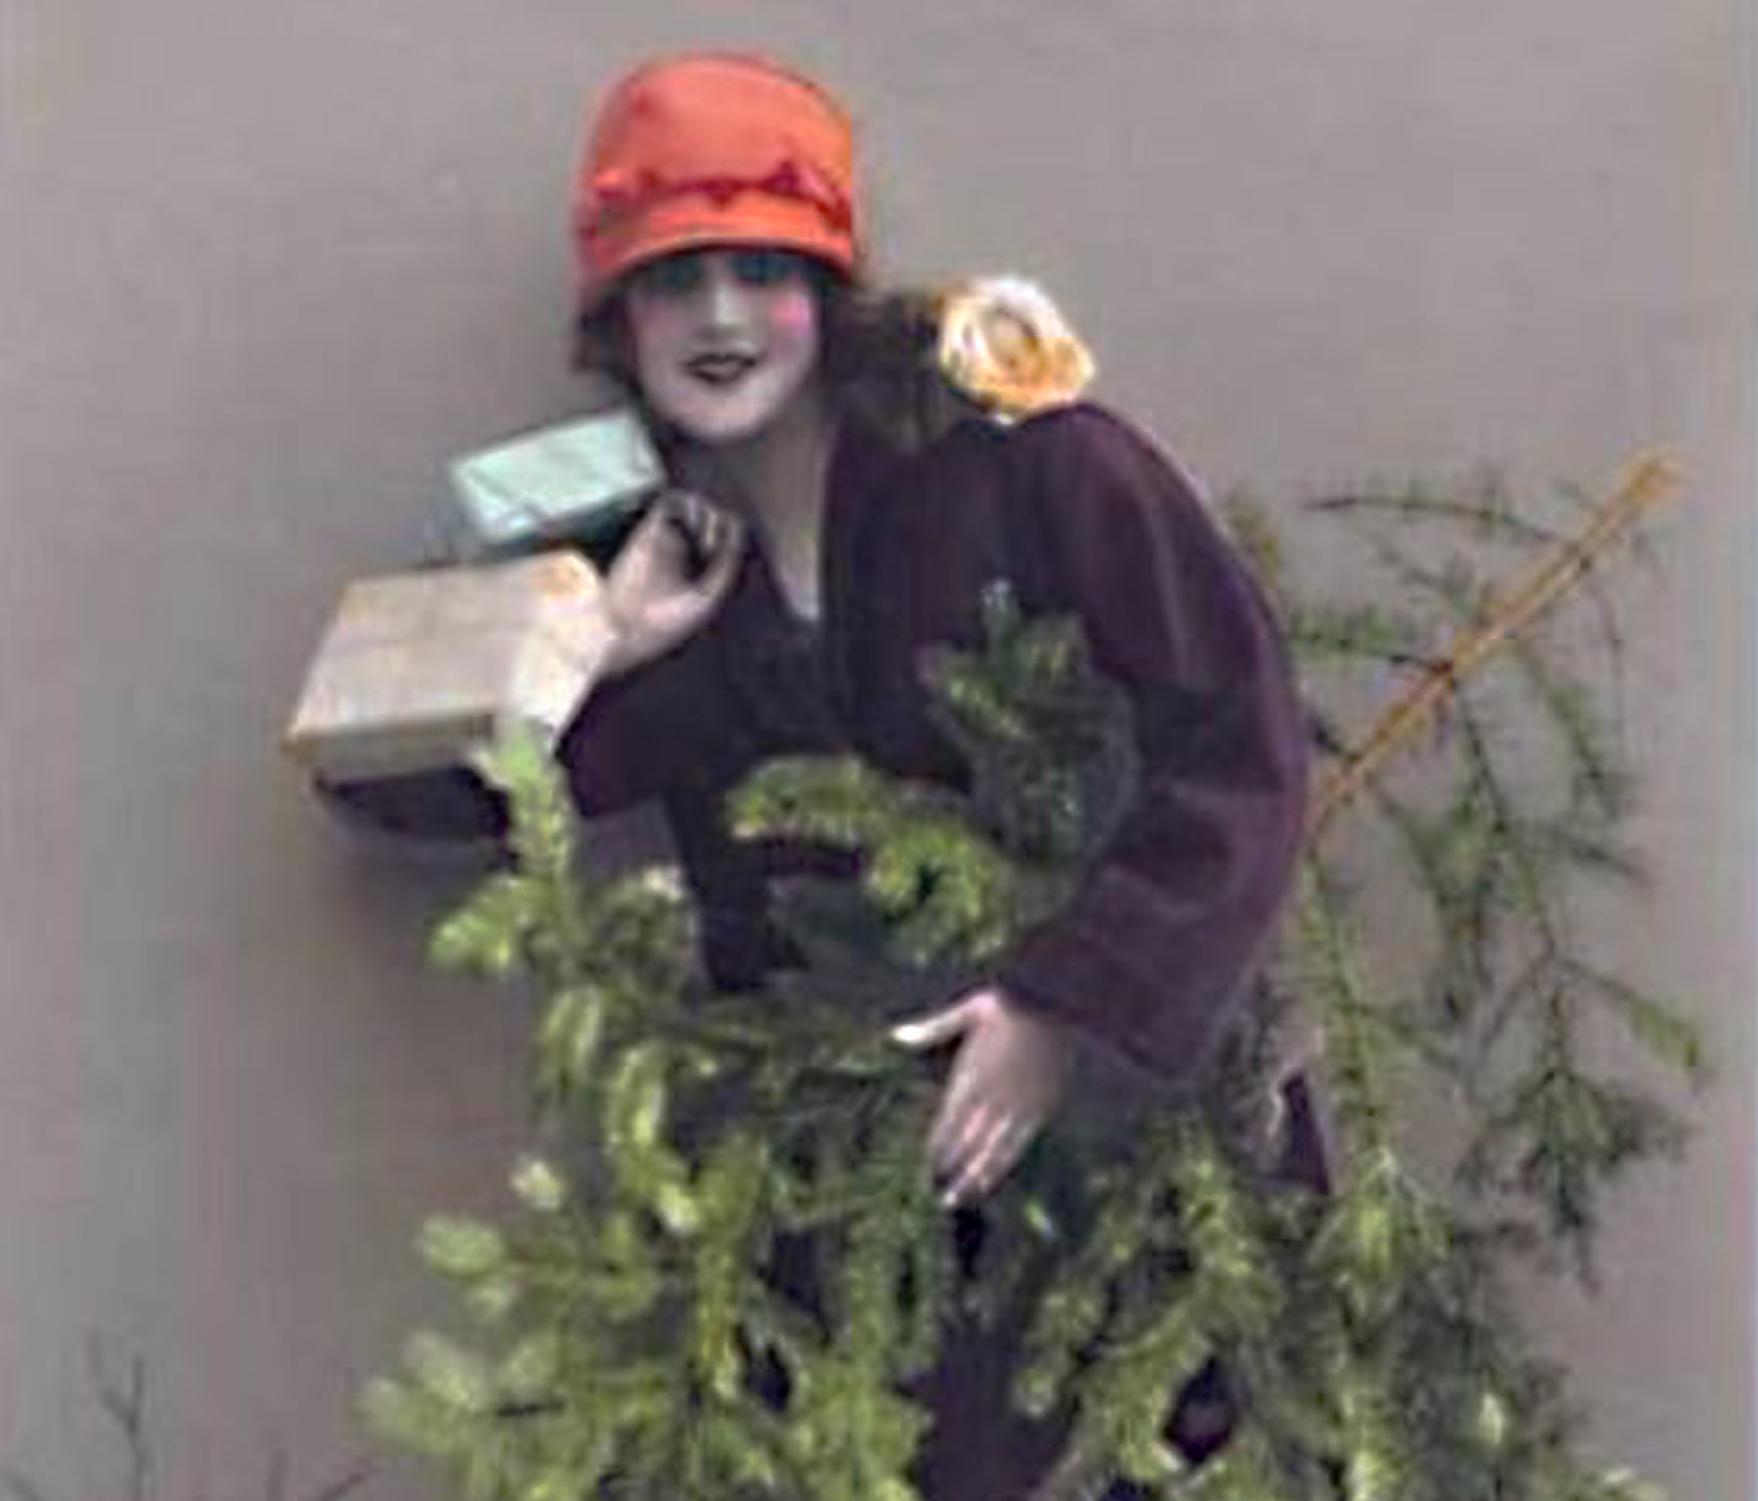 WeihnachtsKUNSTRausch – Eröffnung mit einem rauschenden Fest im Weihnachtsgroove